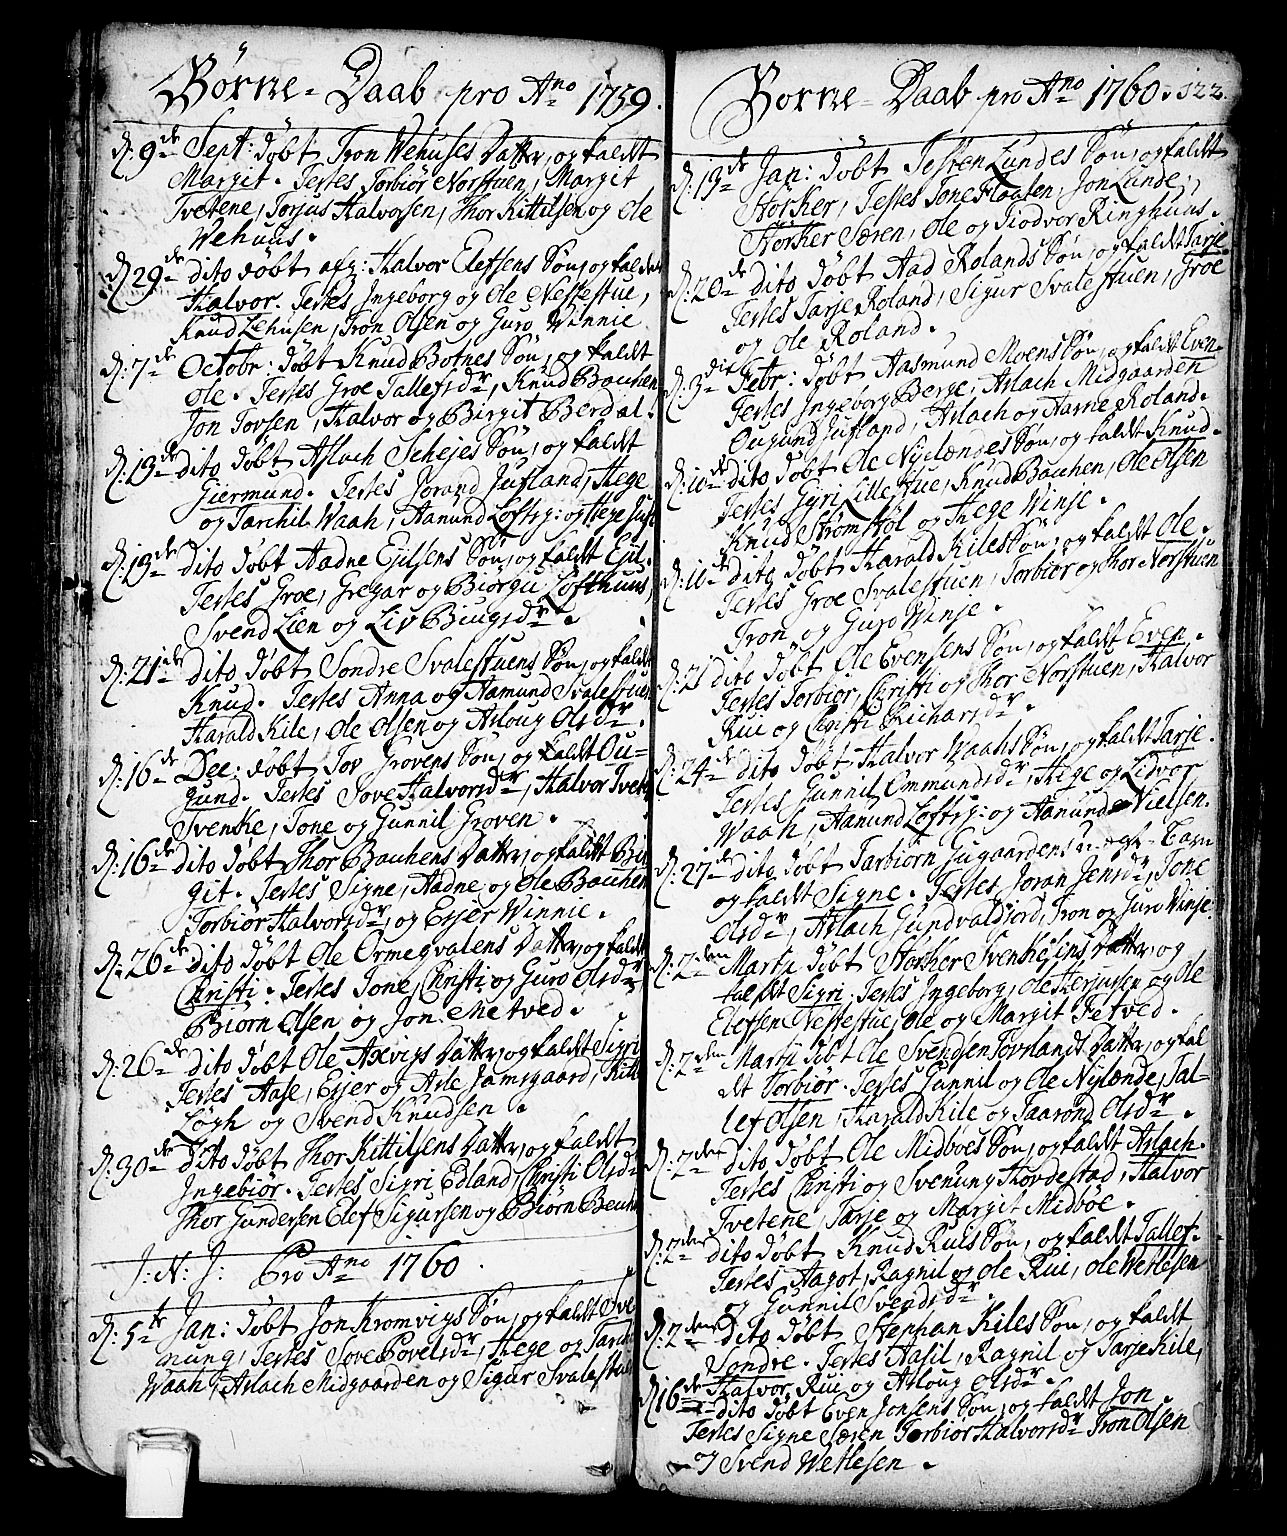 SAKO, Vinje kirkebøker, F/Fa/L0001: Ministerialbok nr. I 1, 1717-1766, s. 122